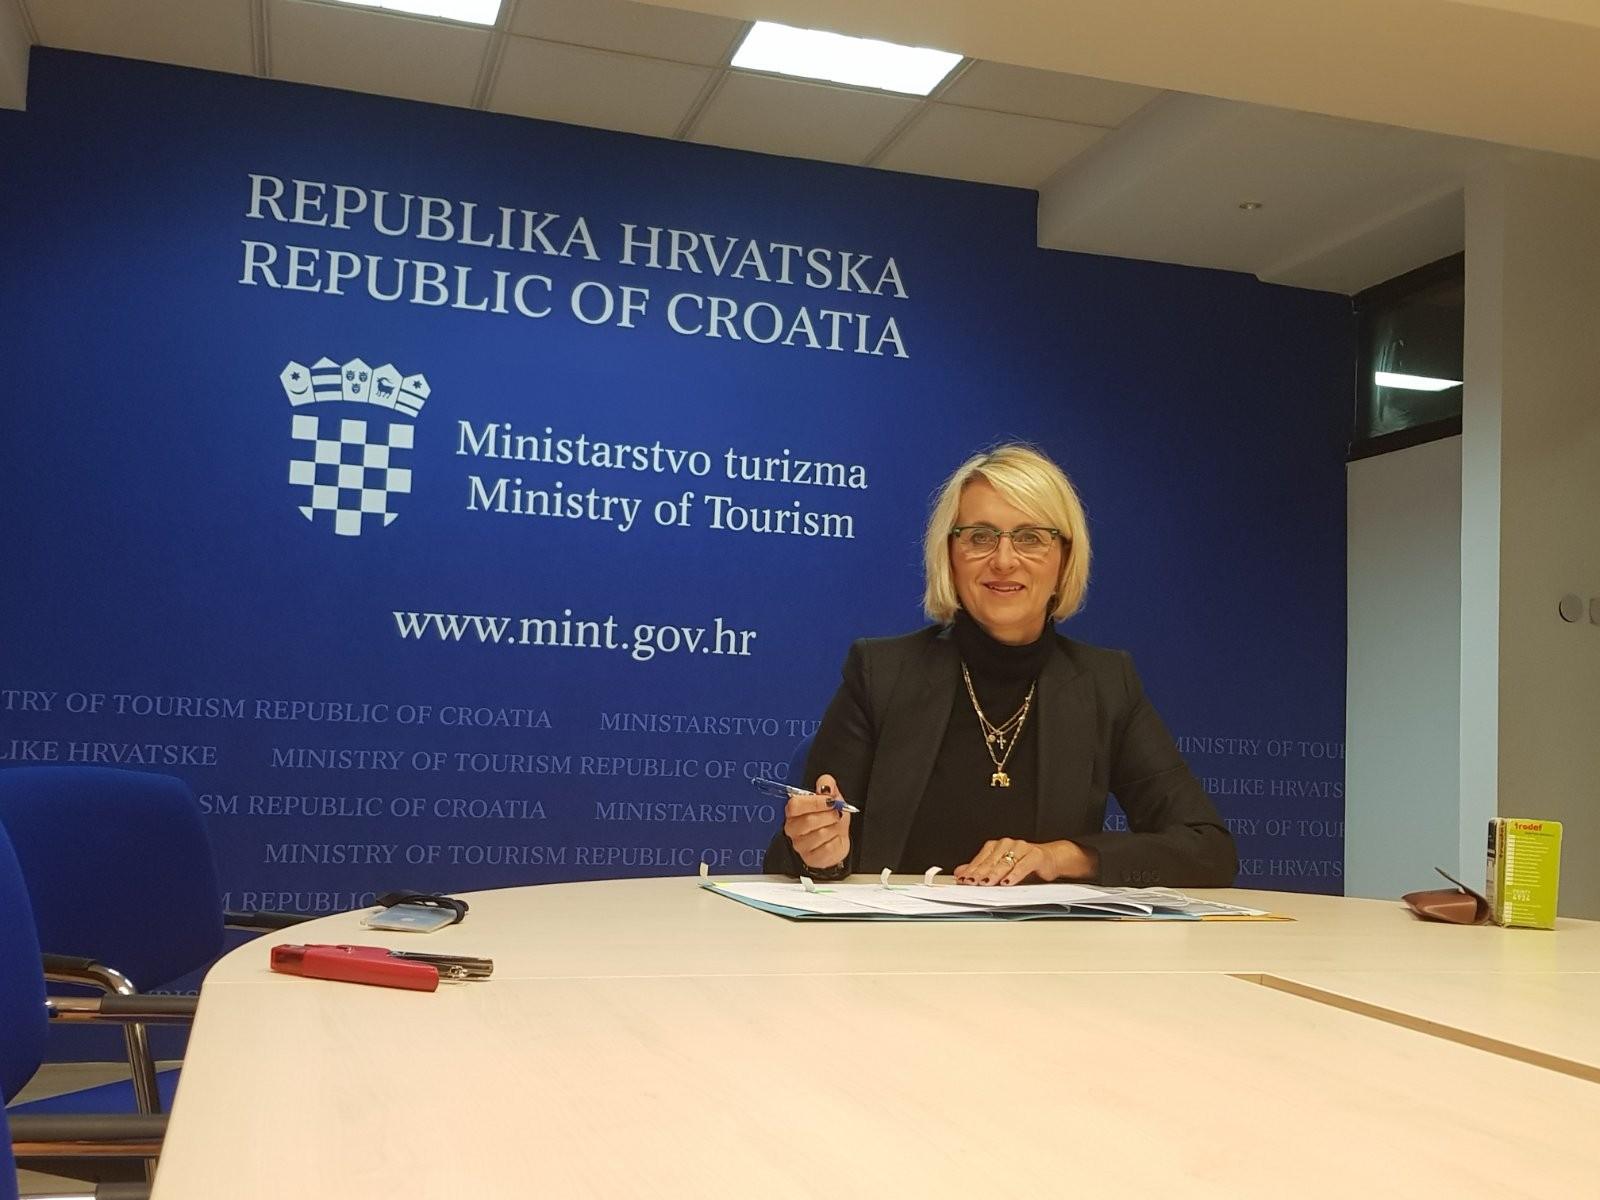 Za studiju održivosti razvoja turizma i prihvatnog kapaciteta osigurana sredstva Ministarstva turizma